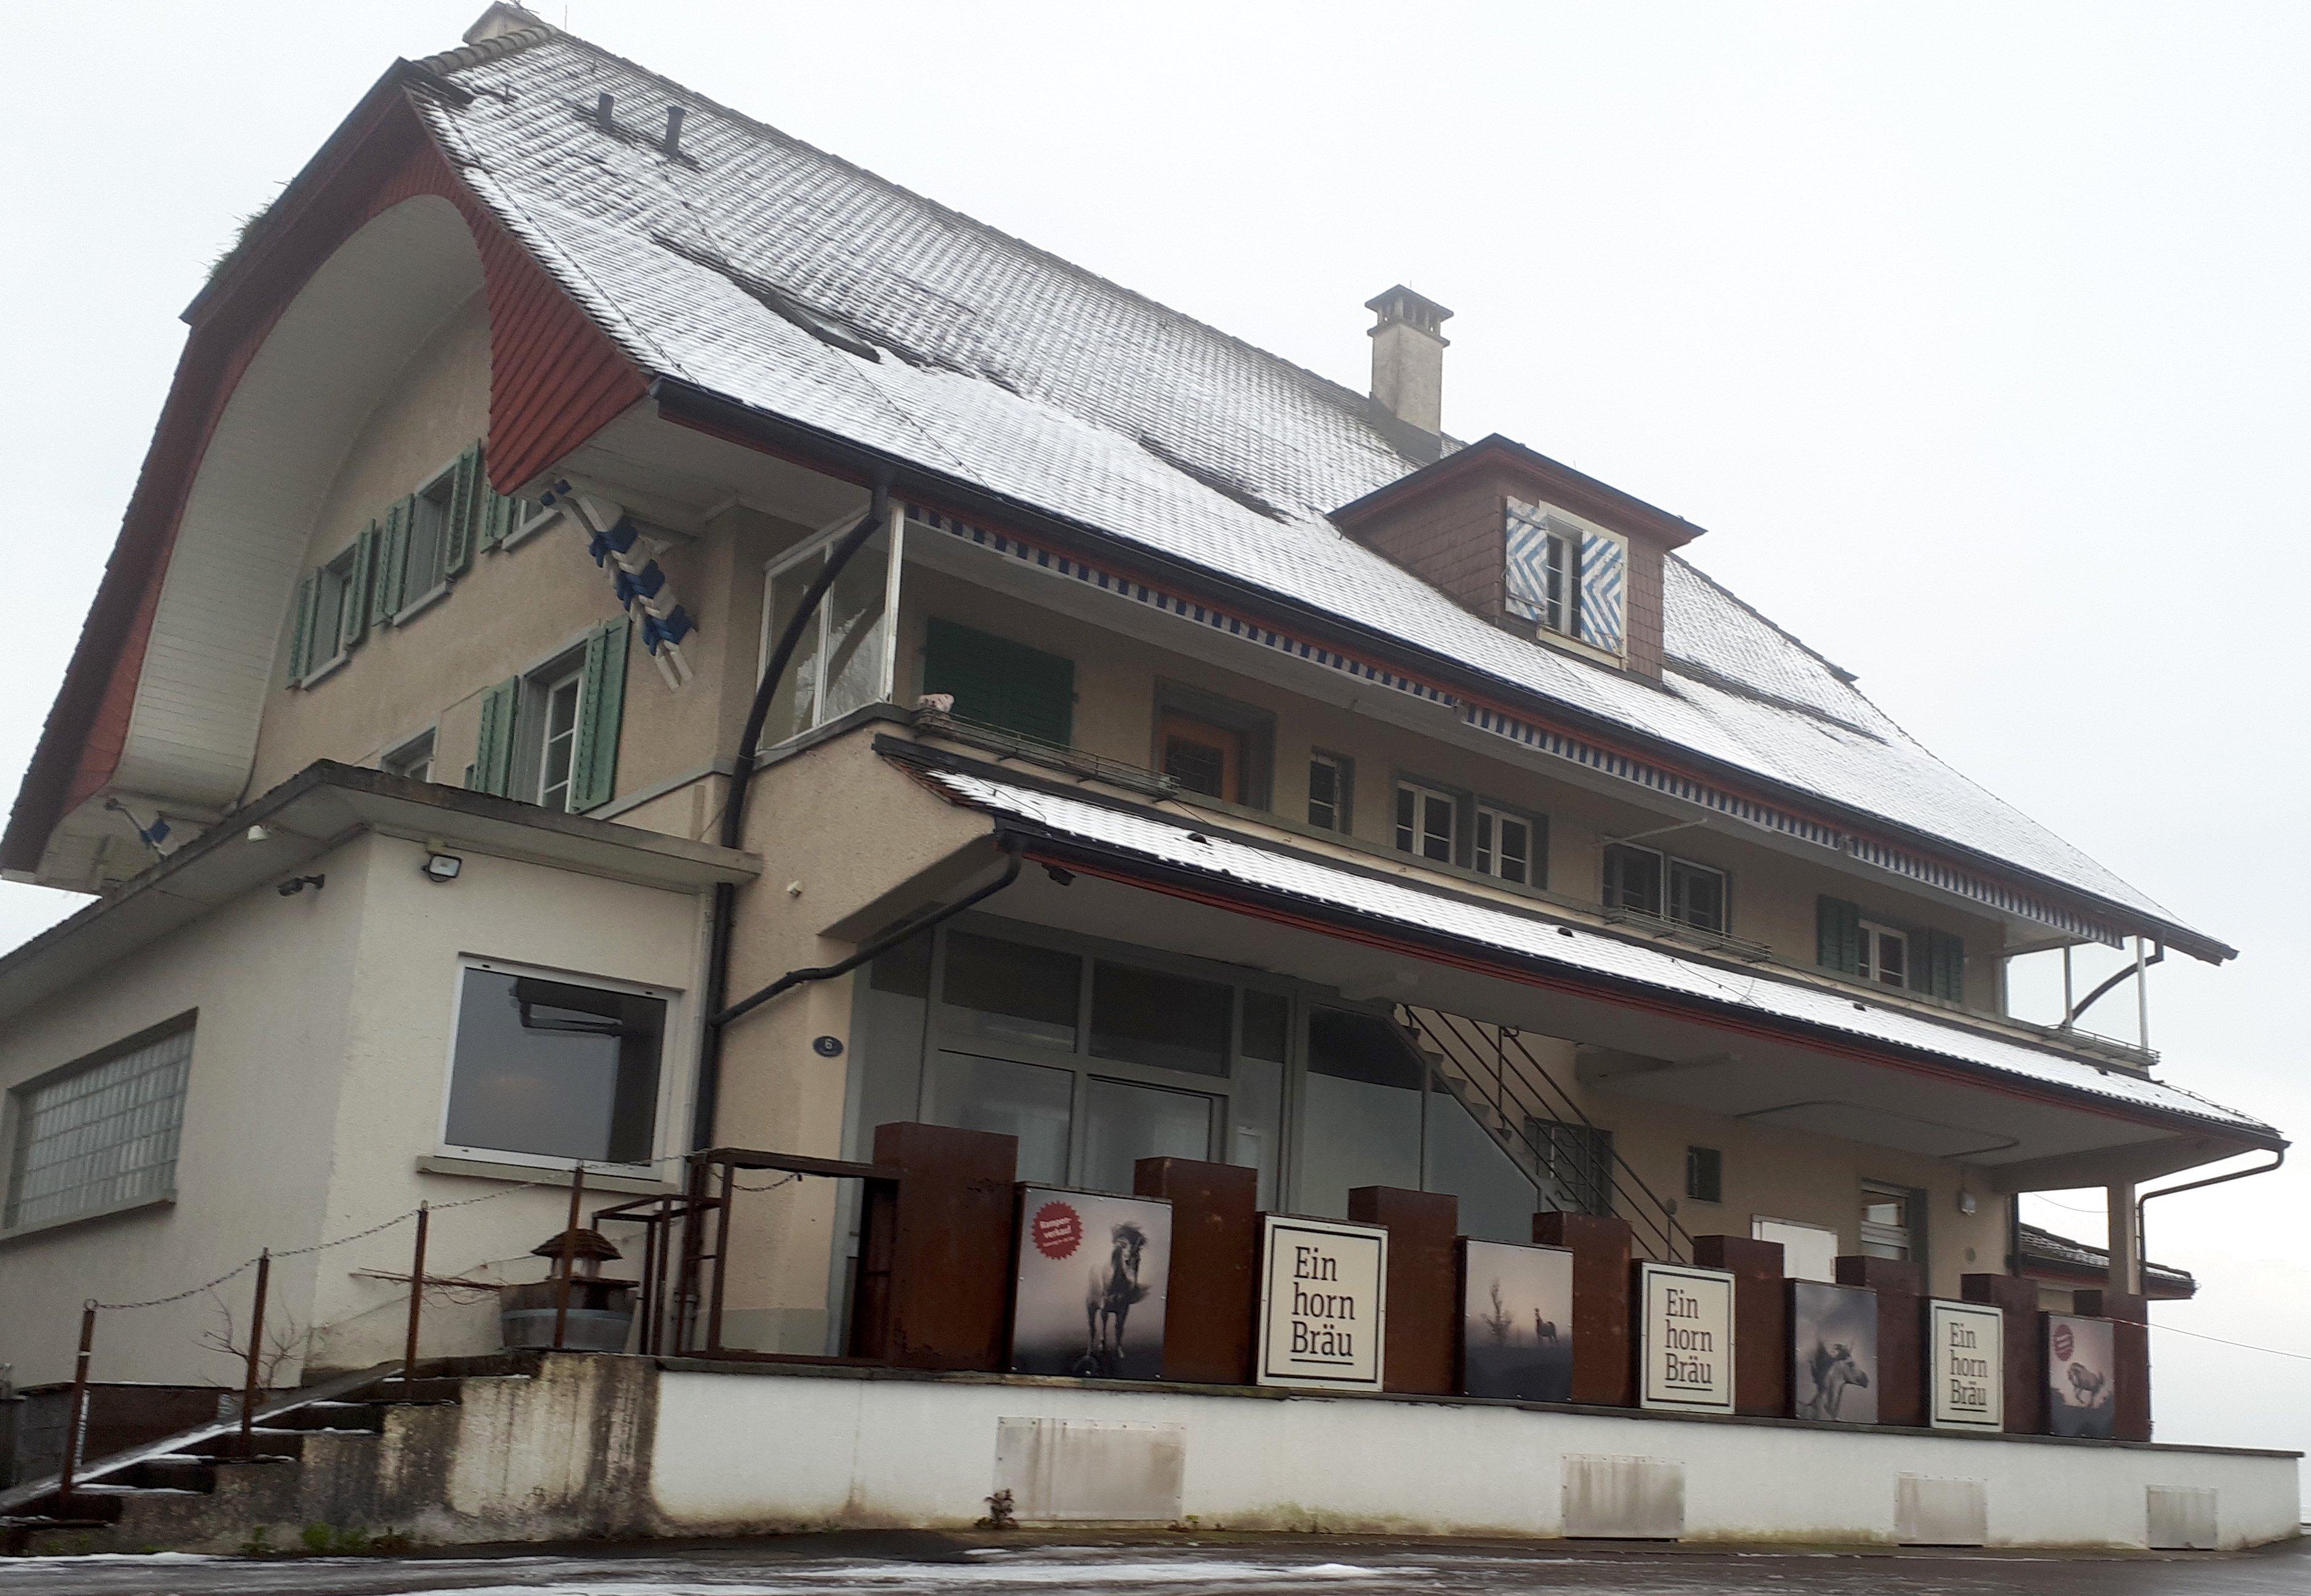 Die Brauerei Einhorn ist in einer ehemaligen Käserei untergebracht.